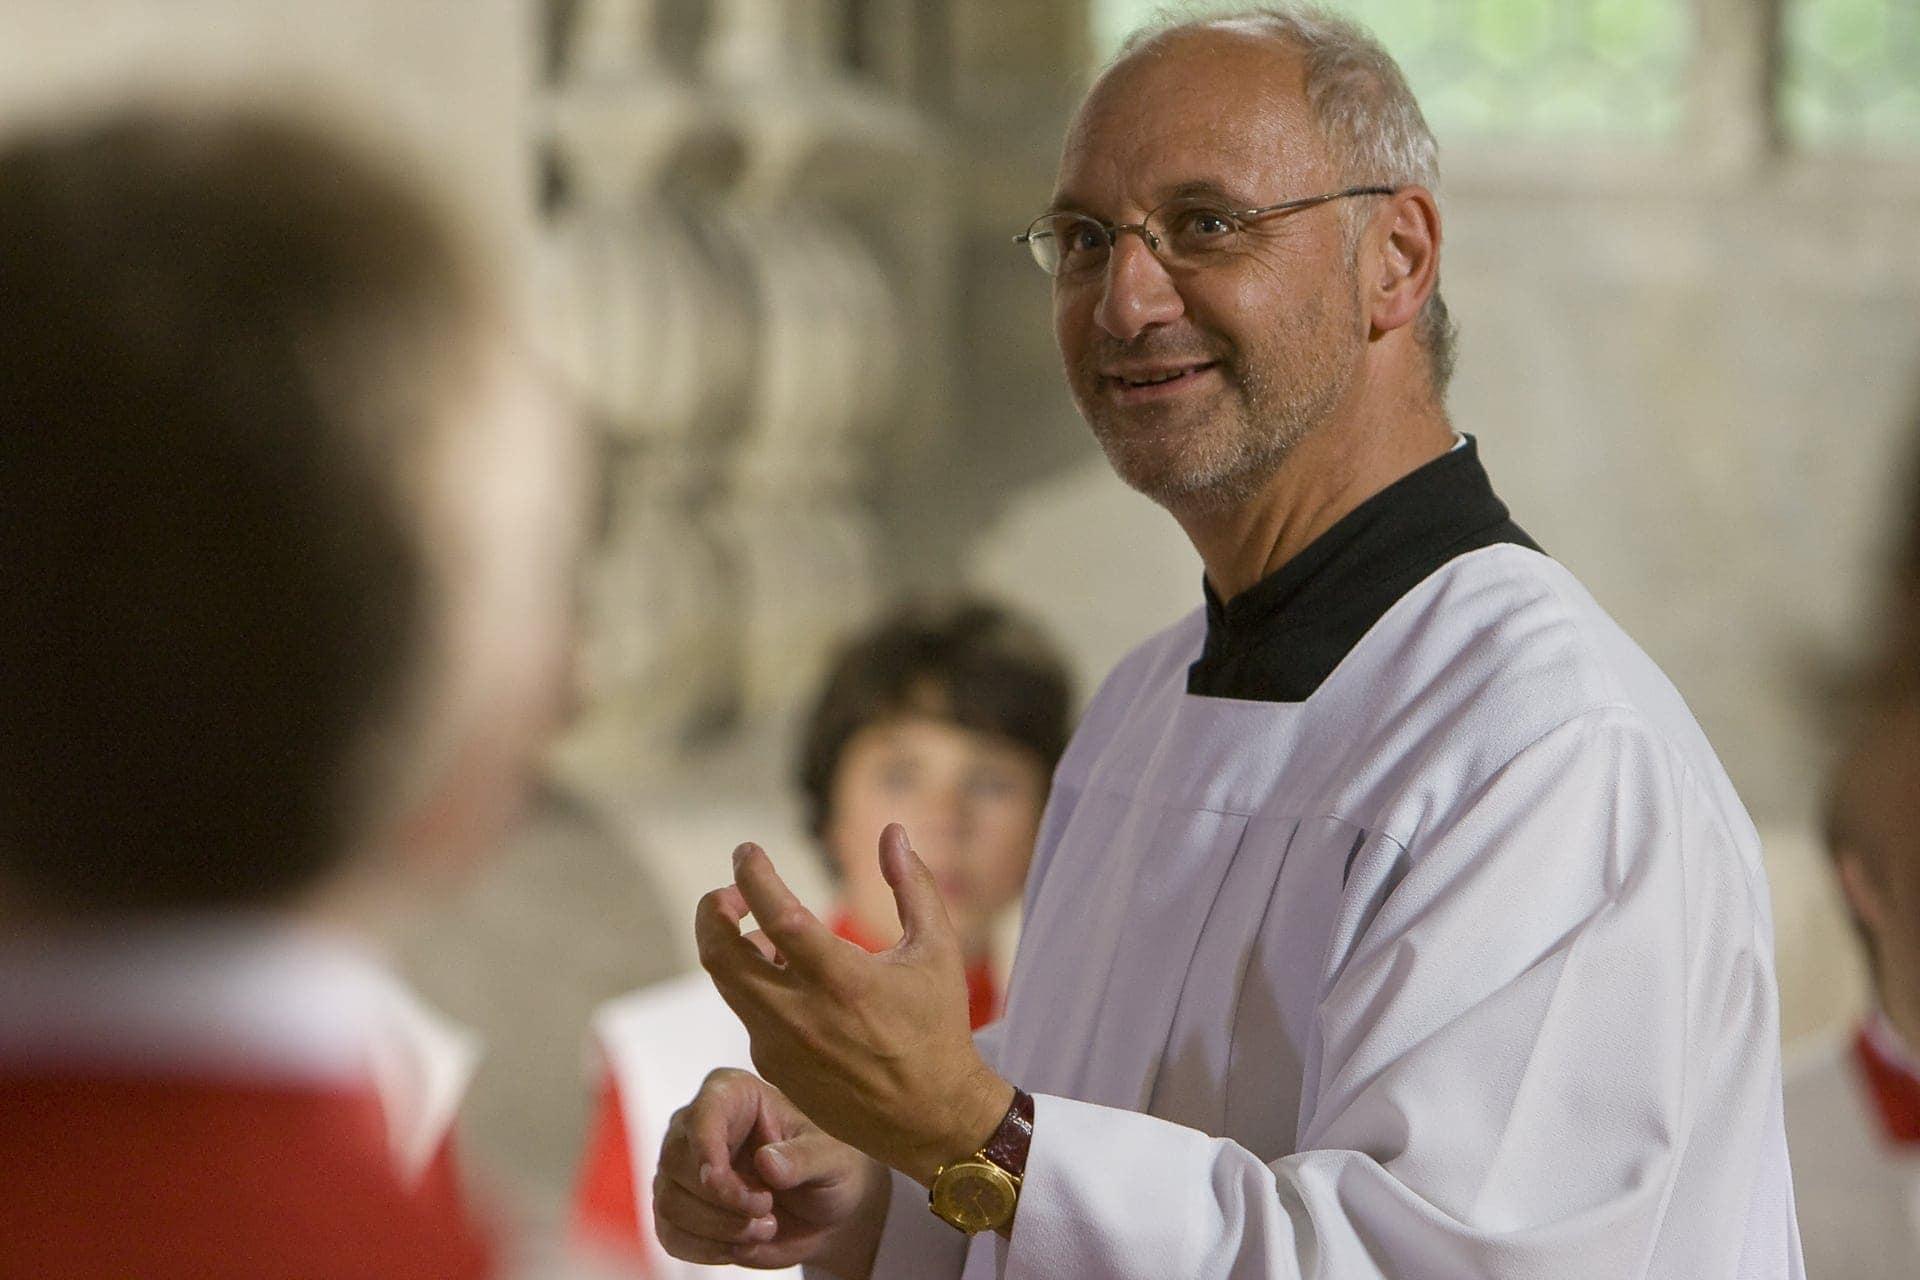 Feierlicher Pontifikalgottesdienst für Professor Roland Büchner im Regensburger Dom am 17.7. Verabschiedung des Domkapellmeisters